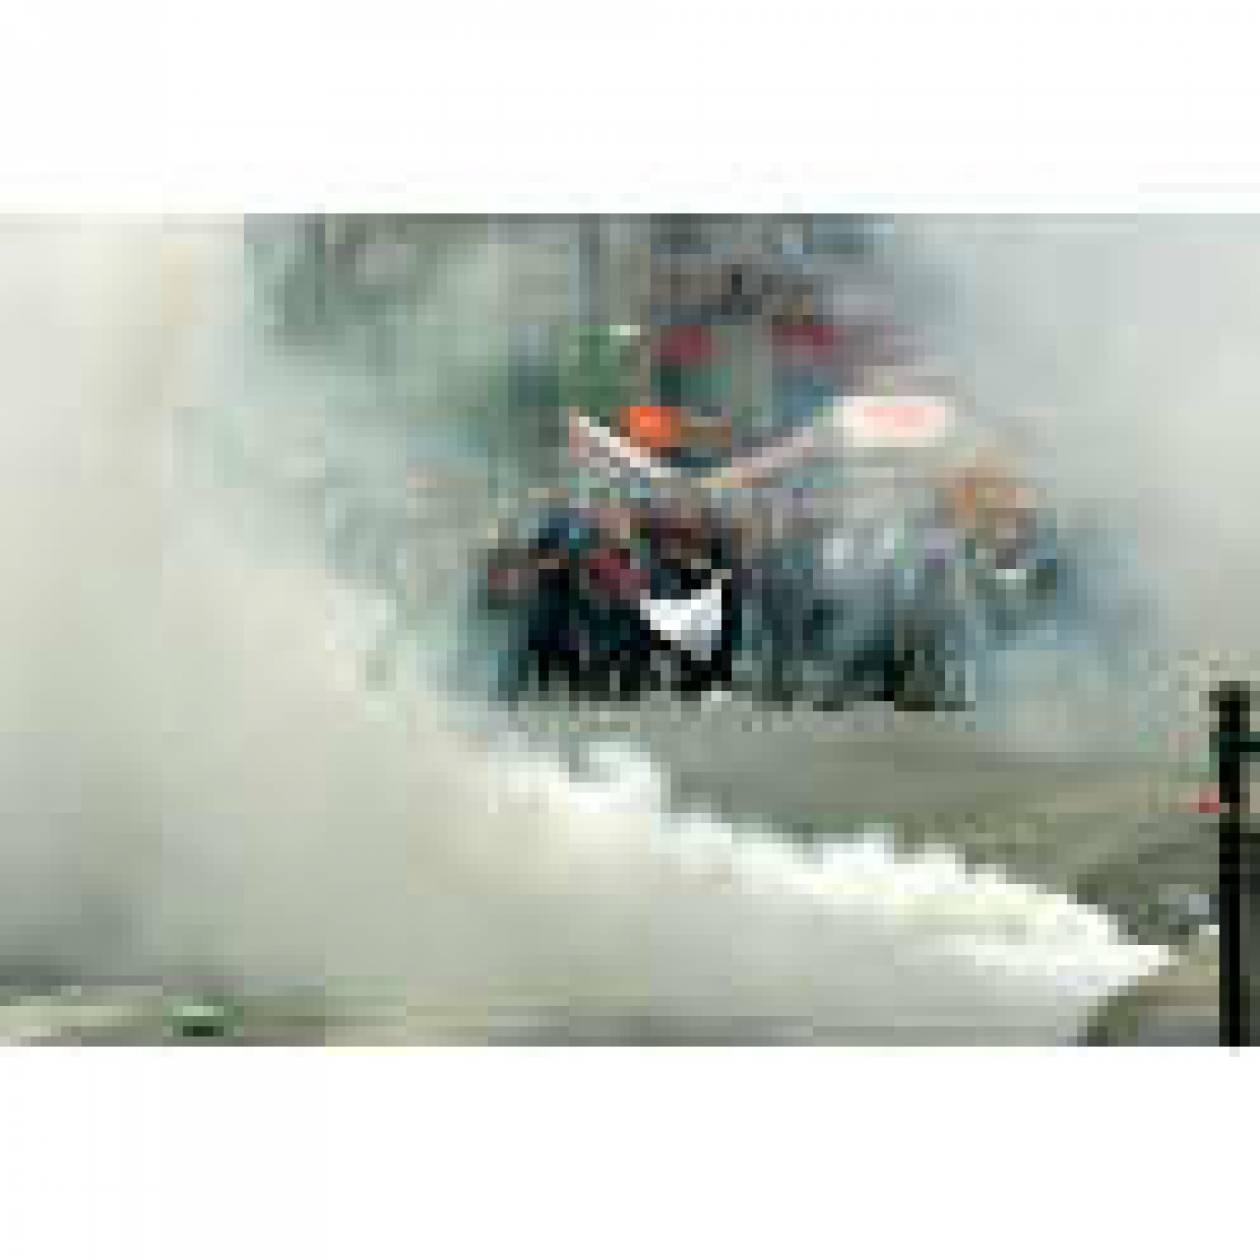 3.000 χημικά έπεσαν στο Σύνταγμα 28 και 29 Ιουνίου!